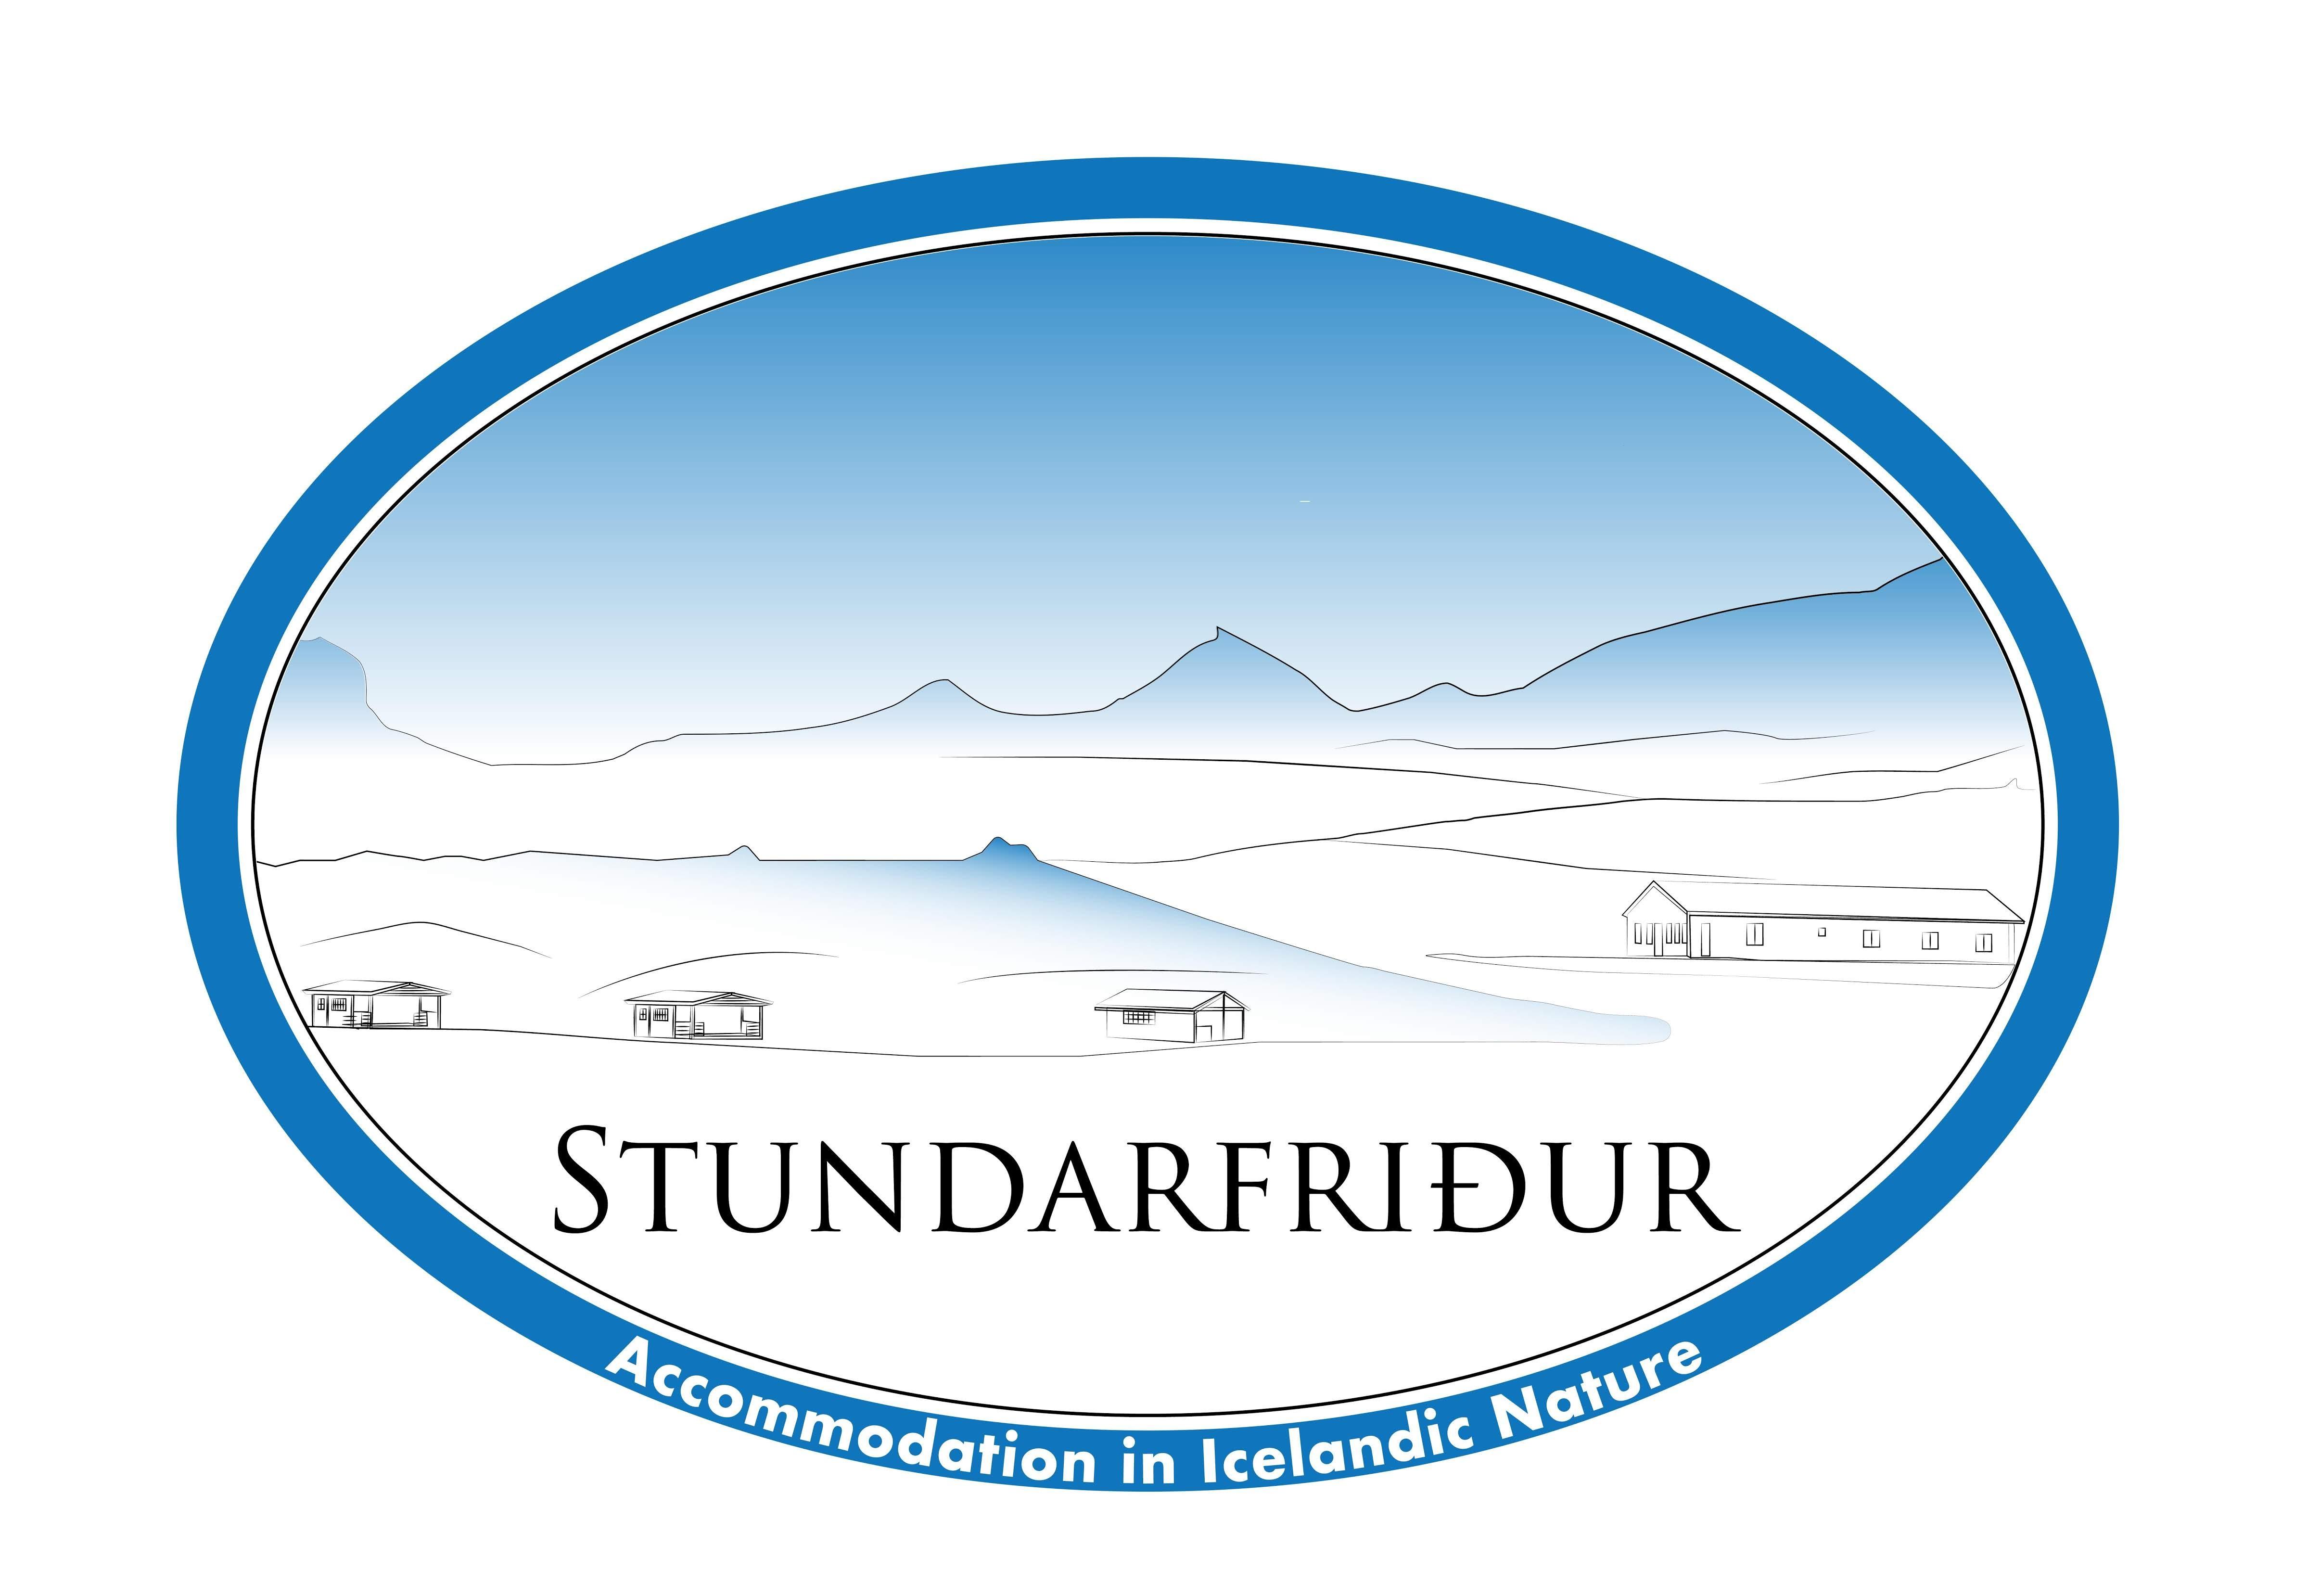 Hotel Stundarfridur